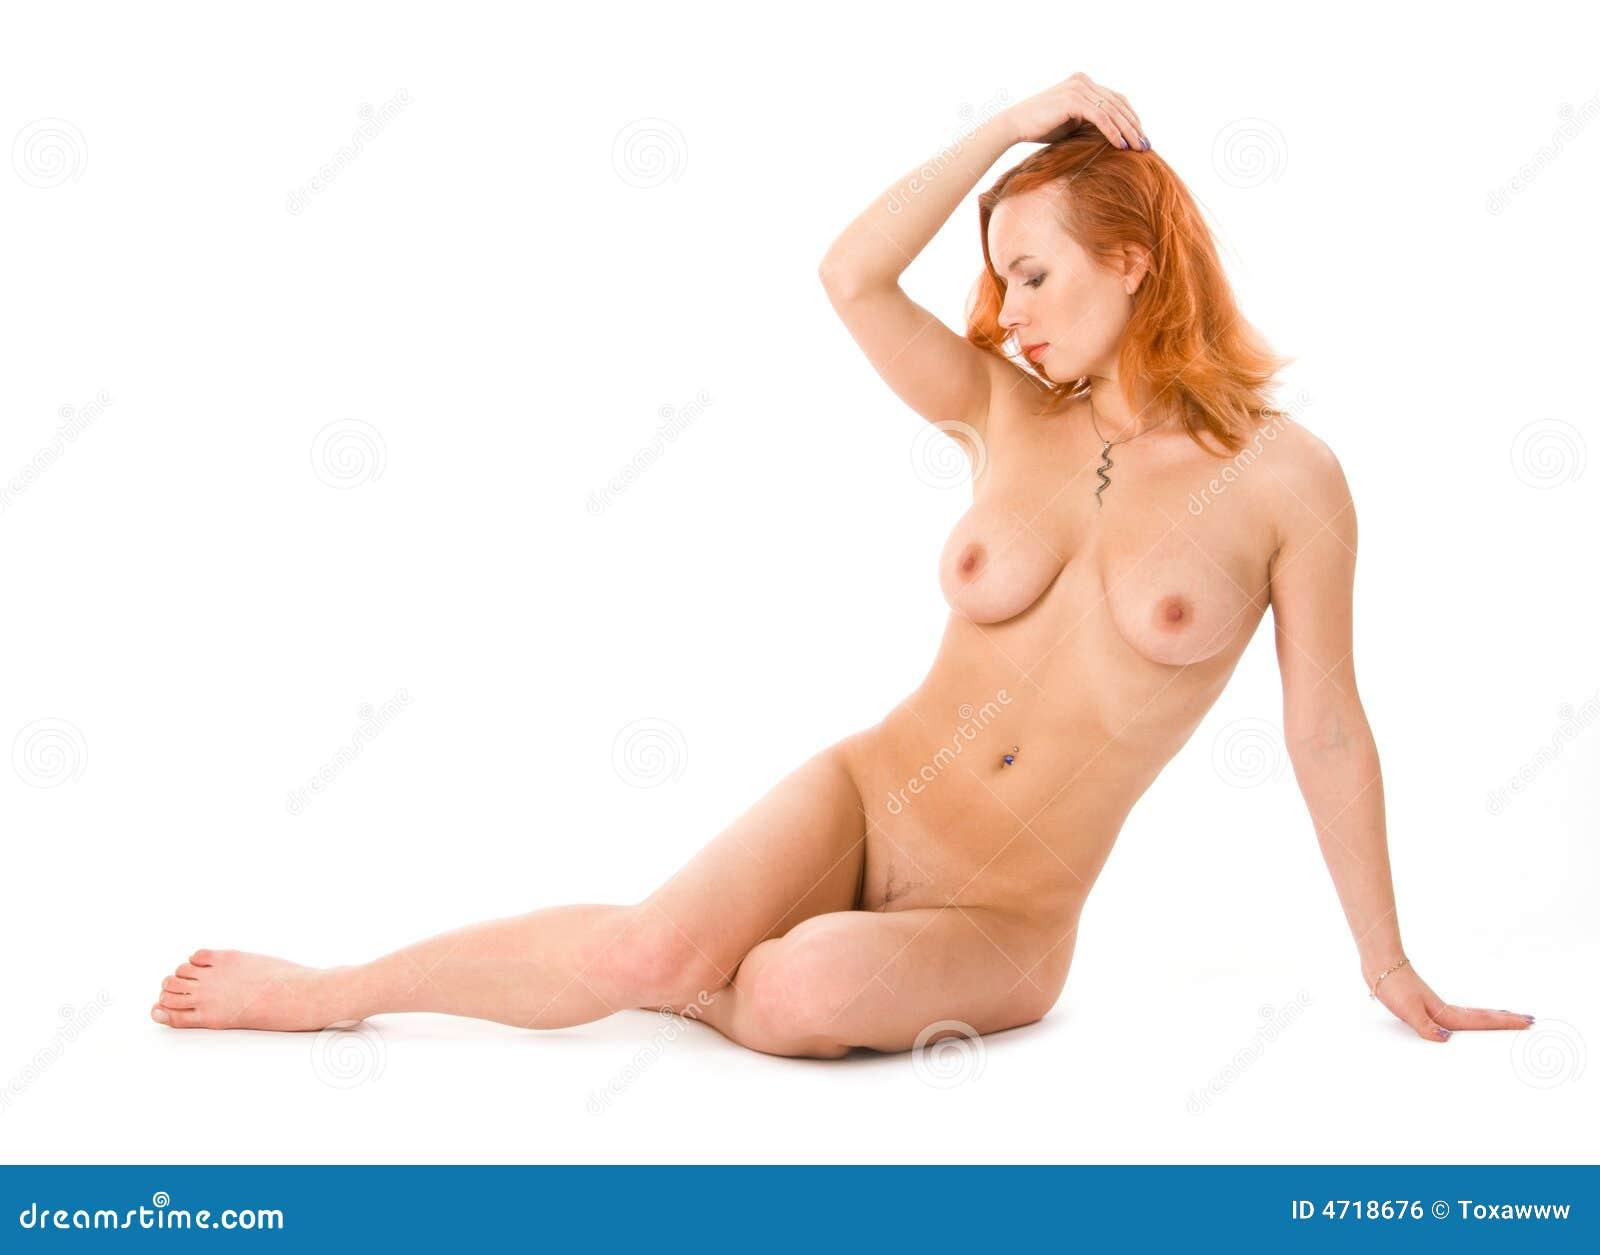 Free porno mujer con caballo